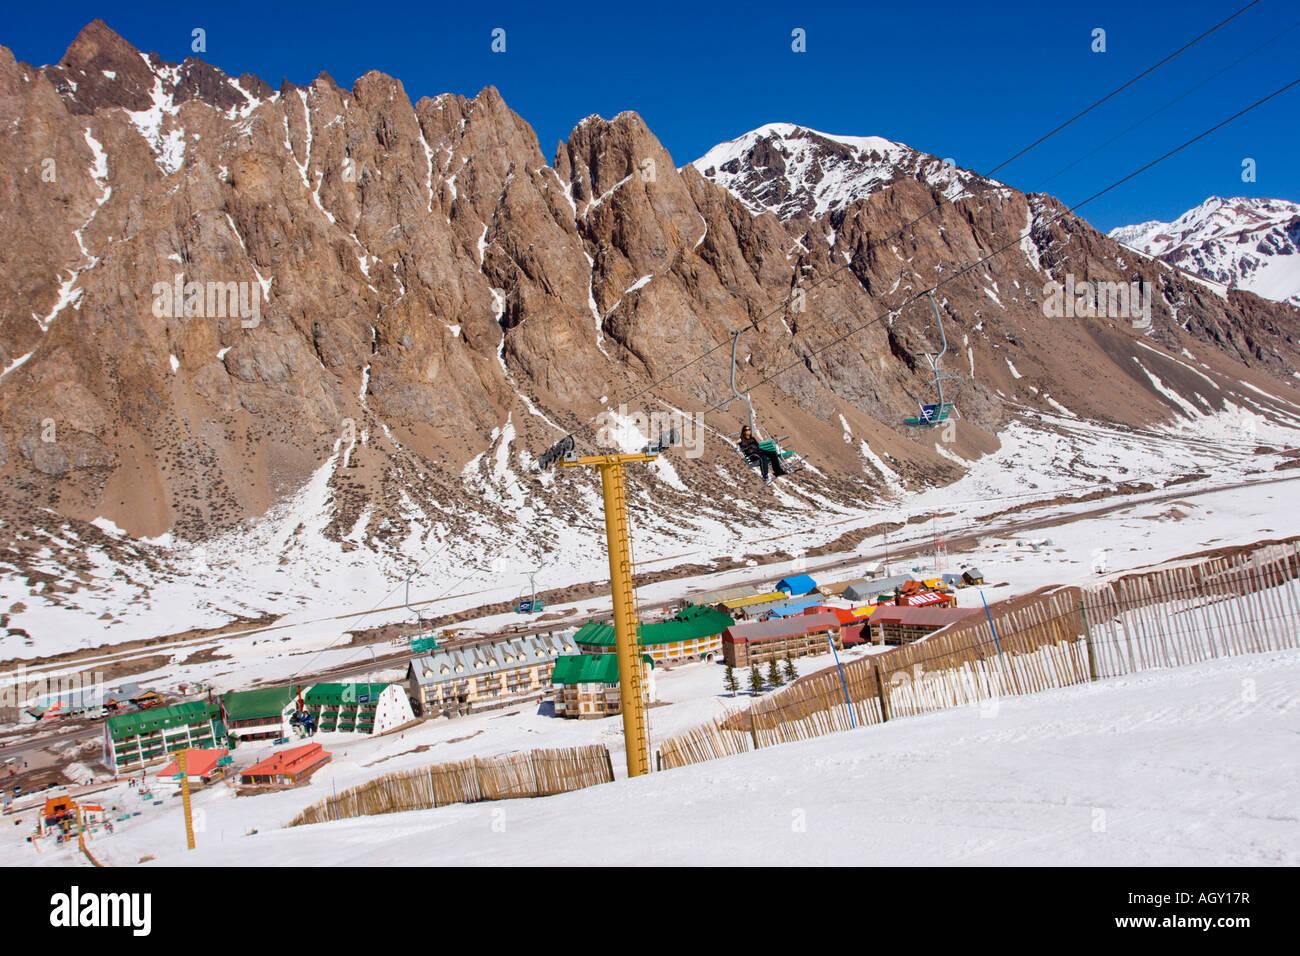 penitentes ski resort in mendoza, argentina stock photo: 14303722